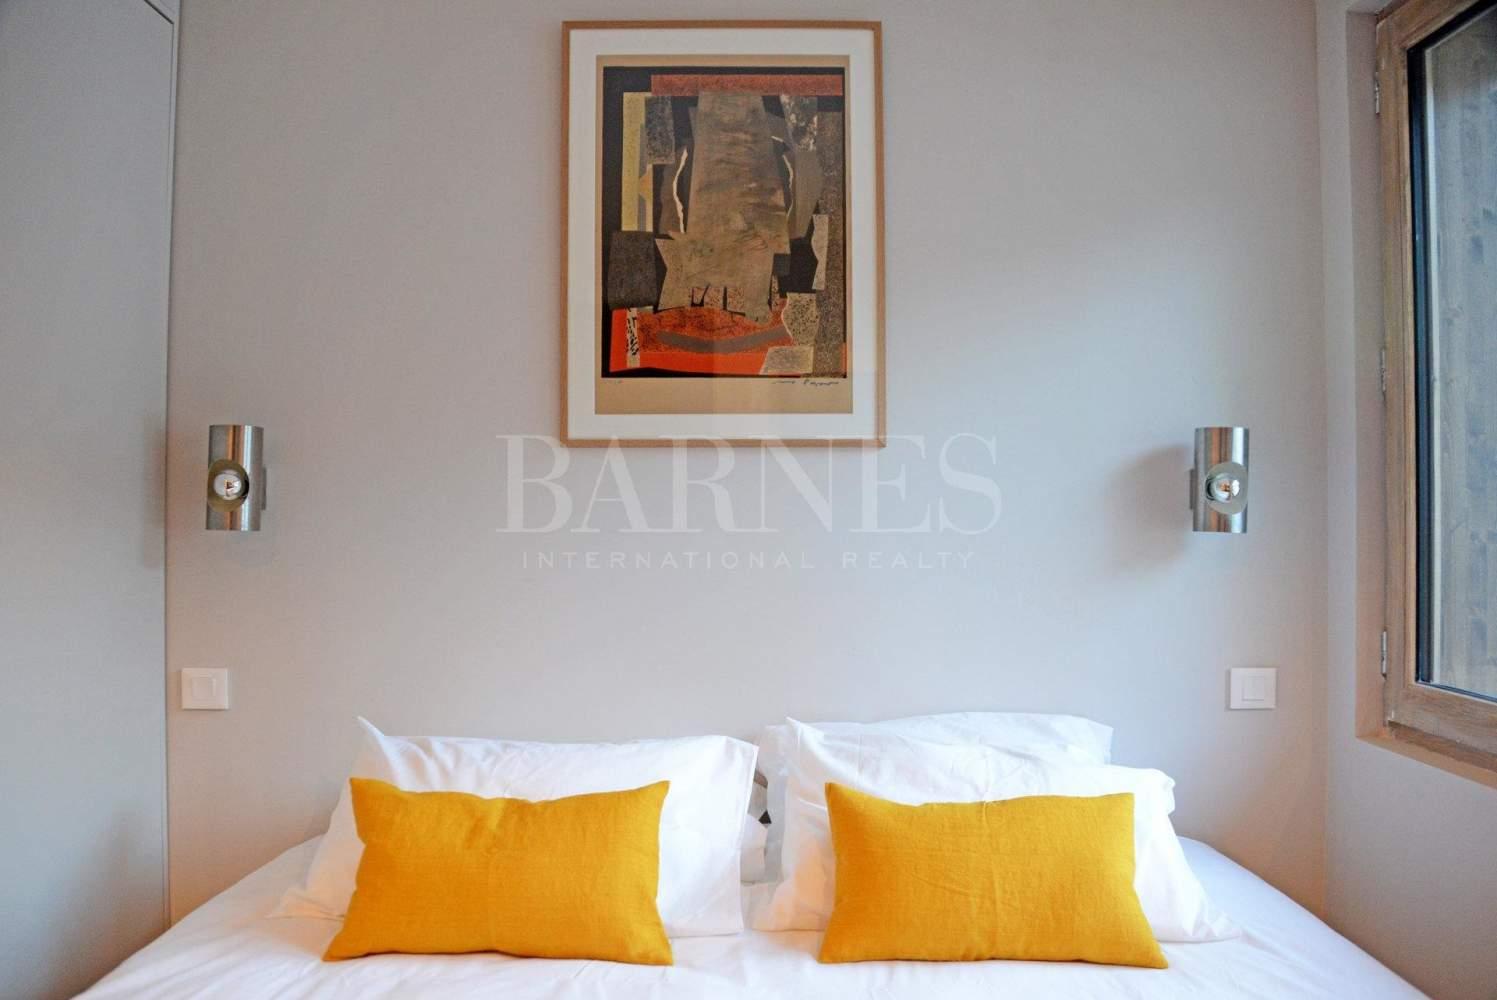 Saint-Martin-de-Belleville  - Appartement  - picture 4